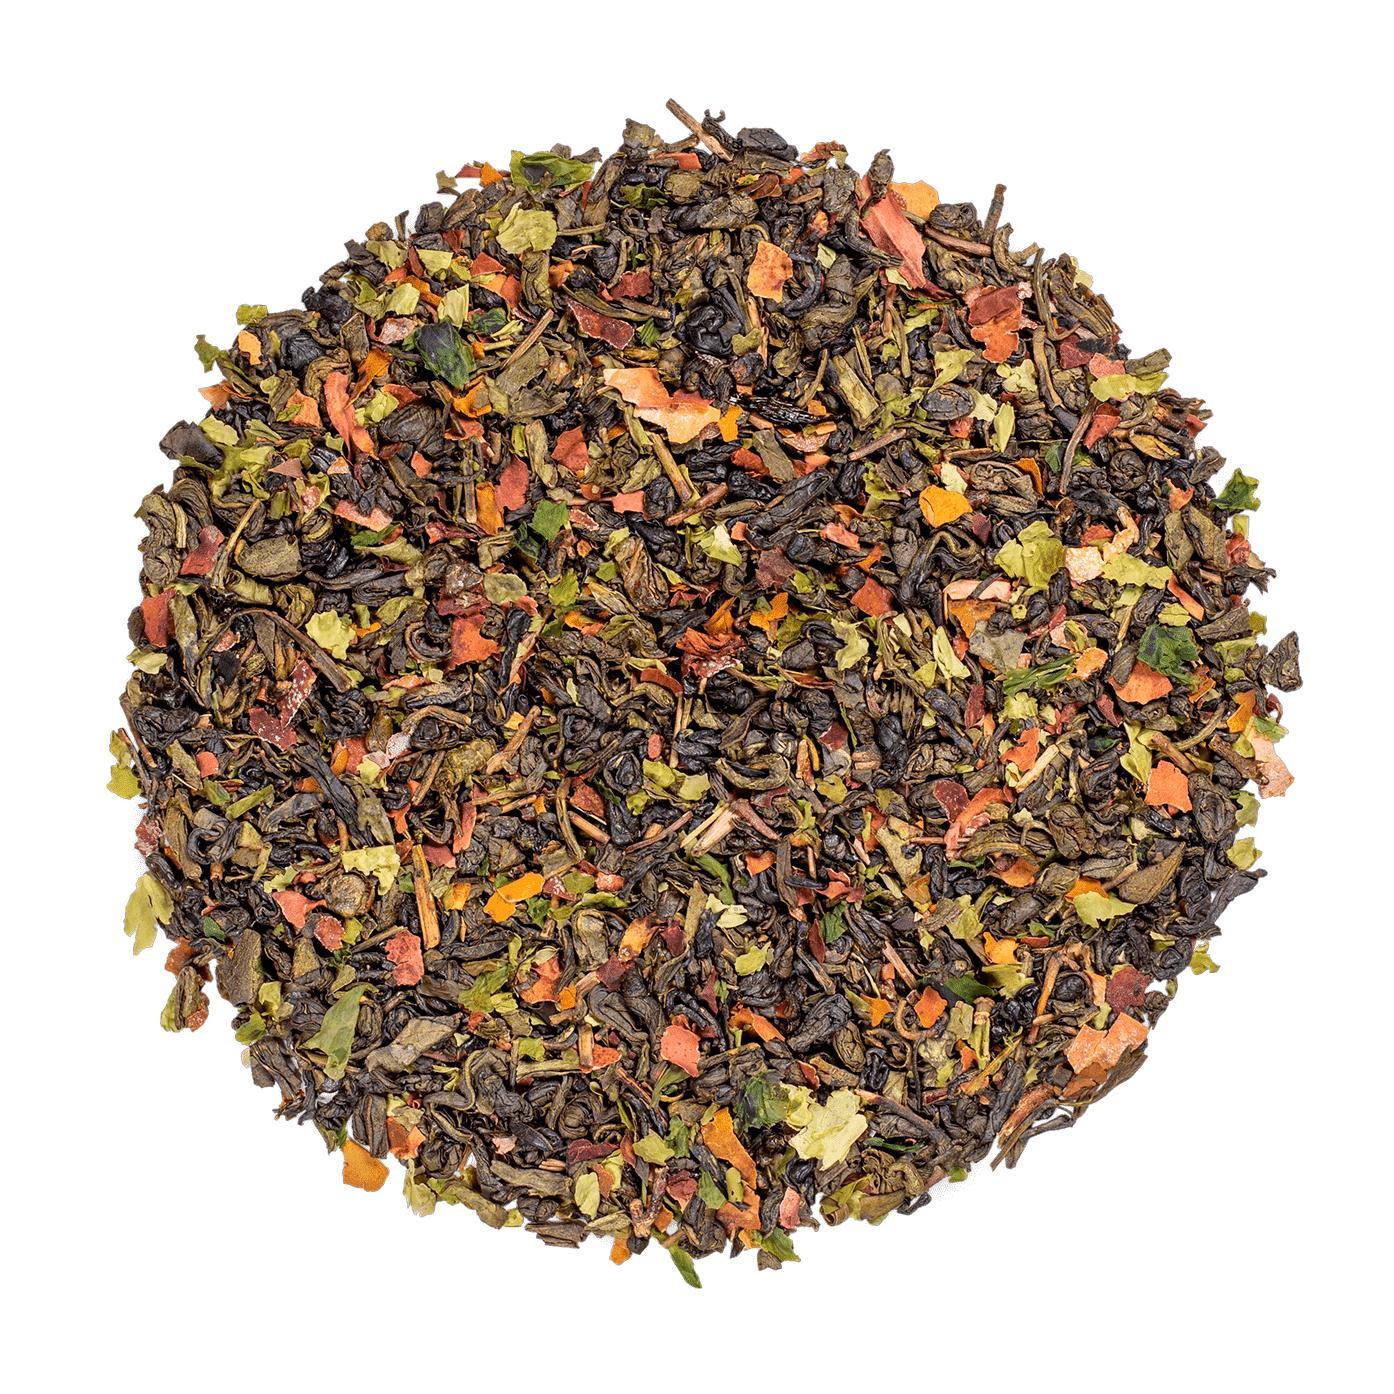 KUSMI TEA Algothé - Thé vert aromatisé aux algues et à la menthe - Thé en vrac - Kusmi Tea